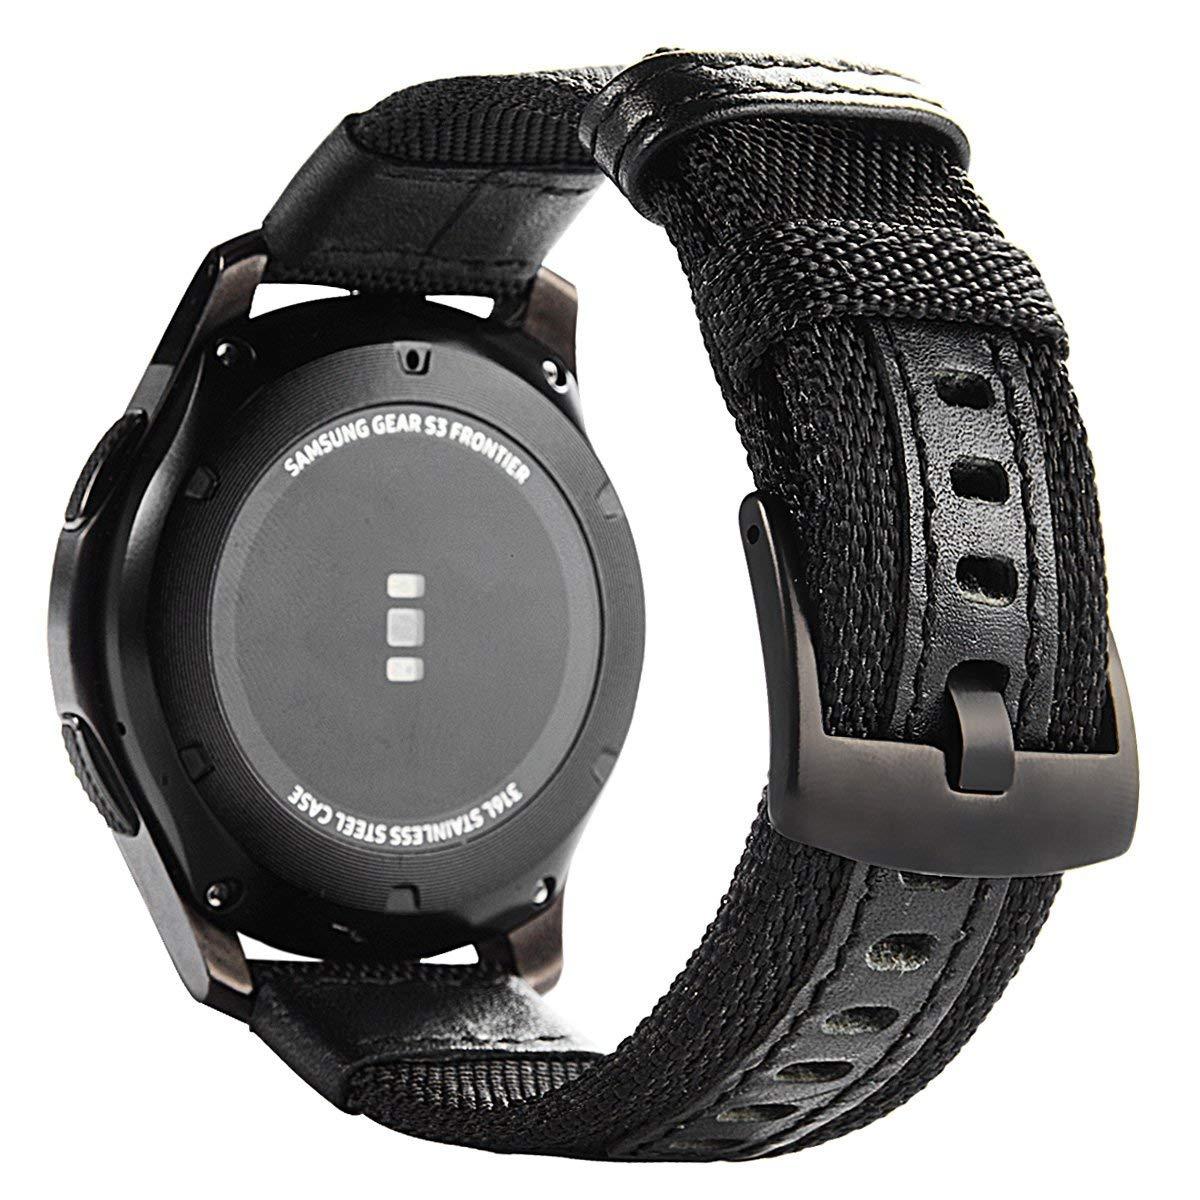 Dây đồng hồ 22mm  vải da cho đồng hồ Galaxy Watch 46mm, Gear S3 và tất cả các loại đồng hồ dùng dây chuẩn cỡ 22mm